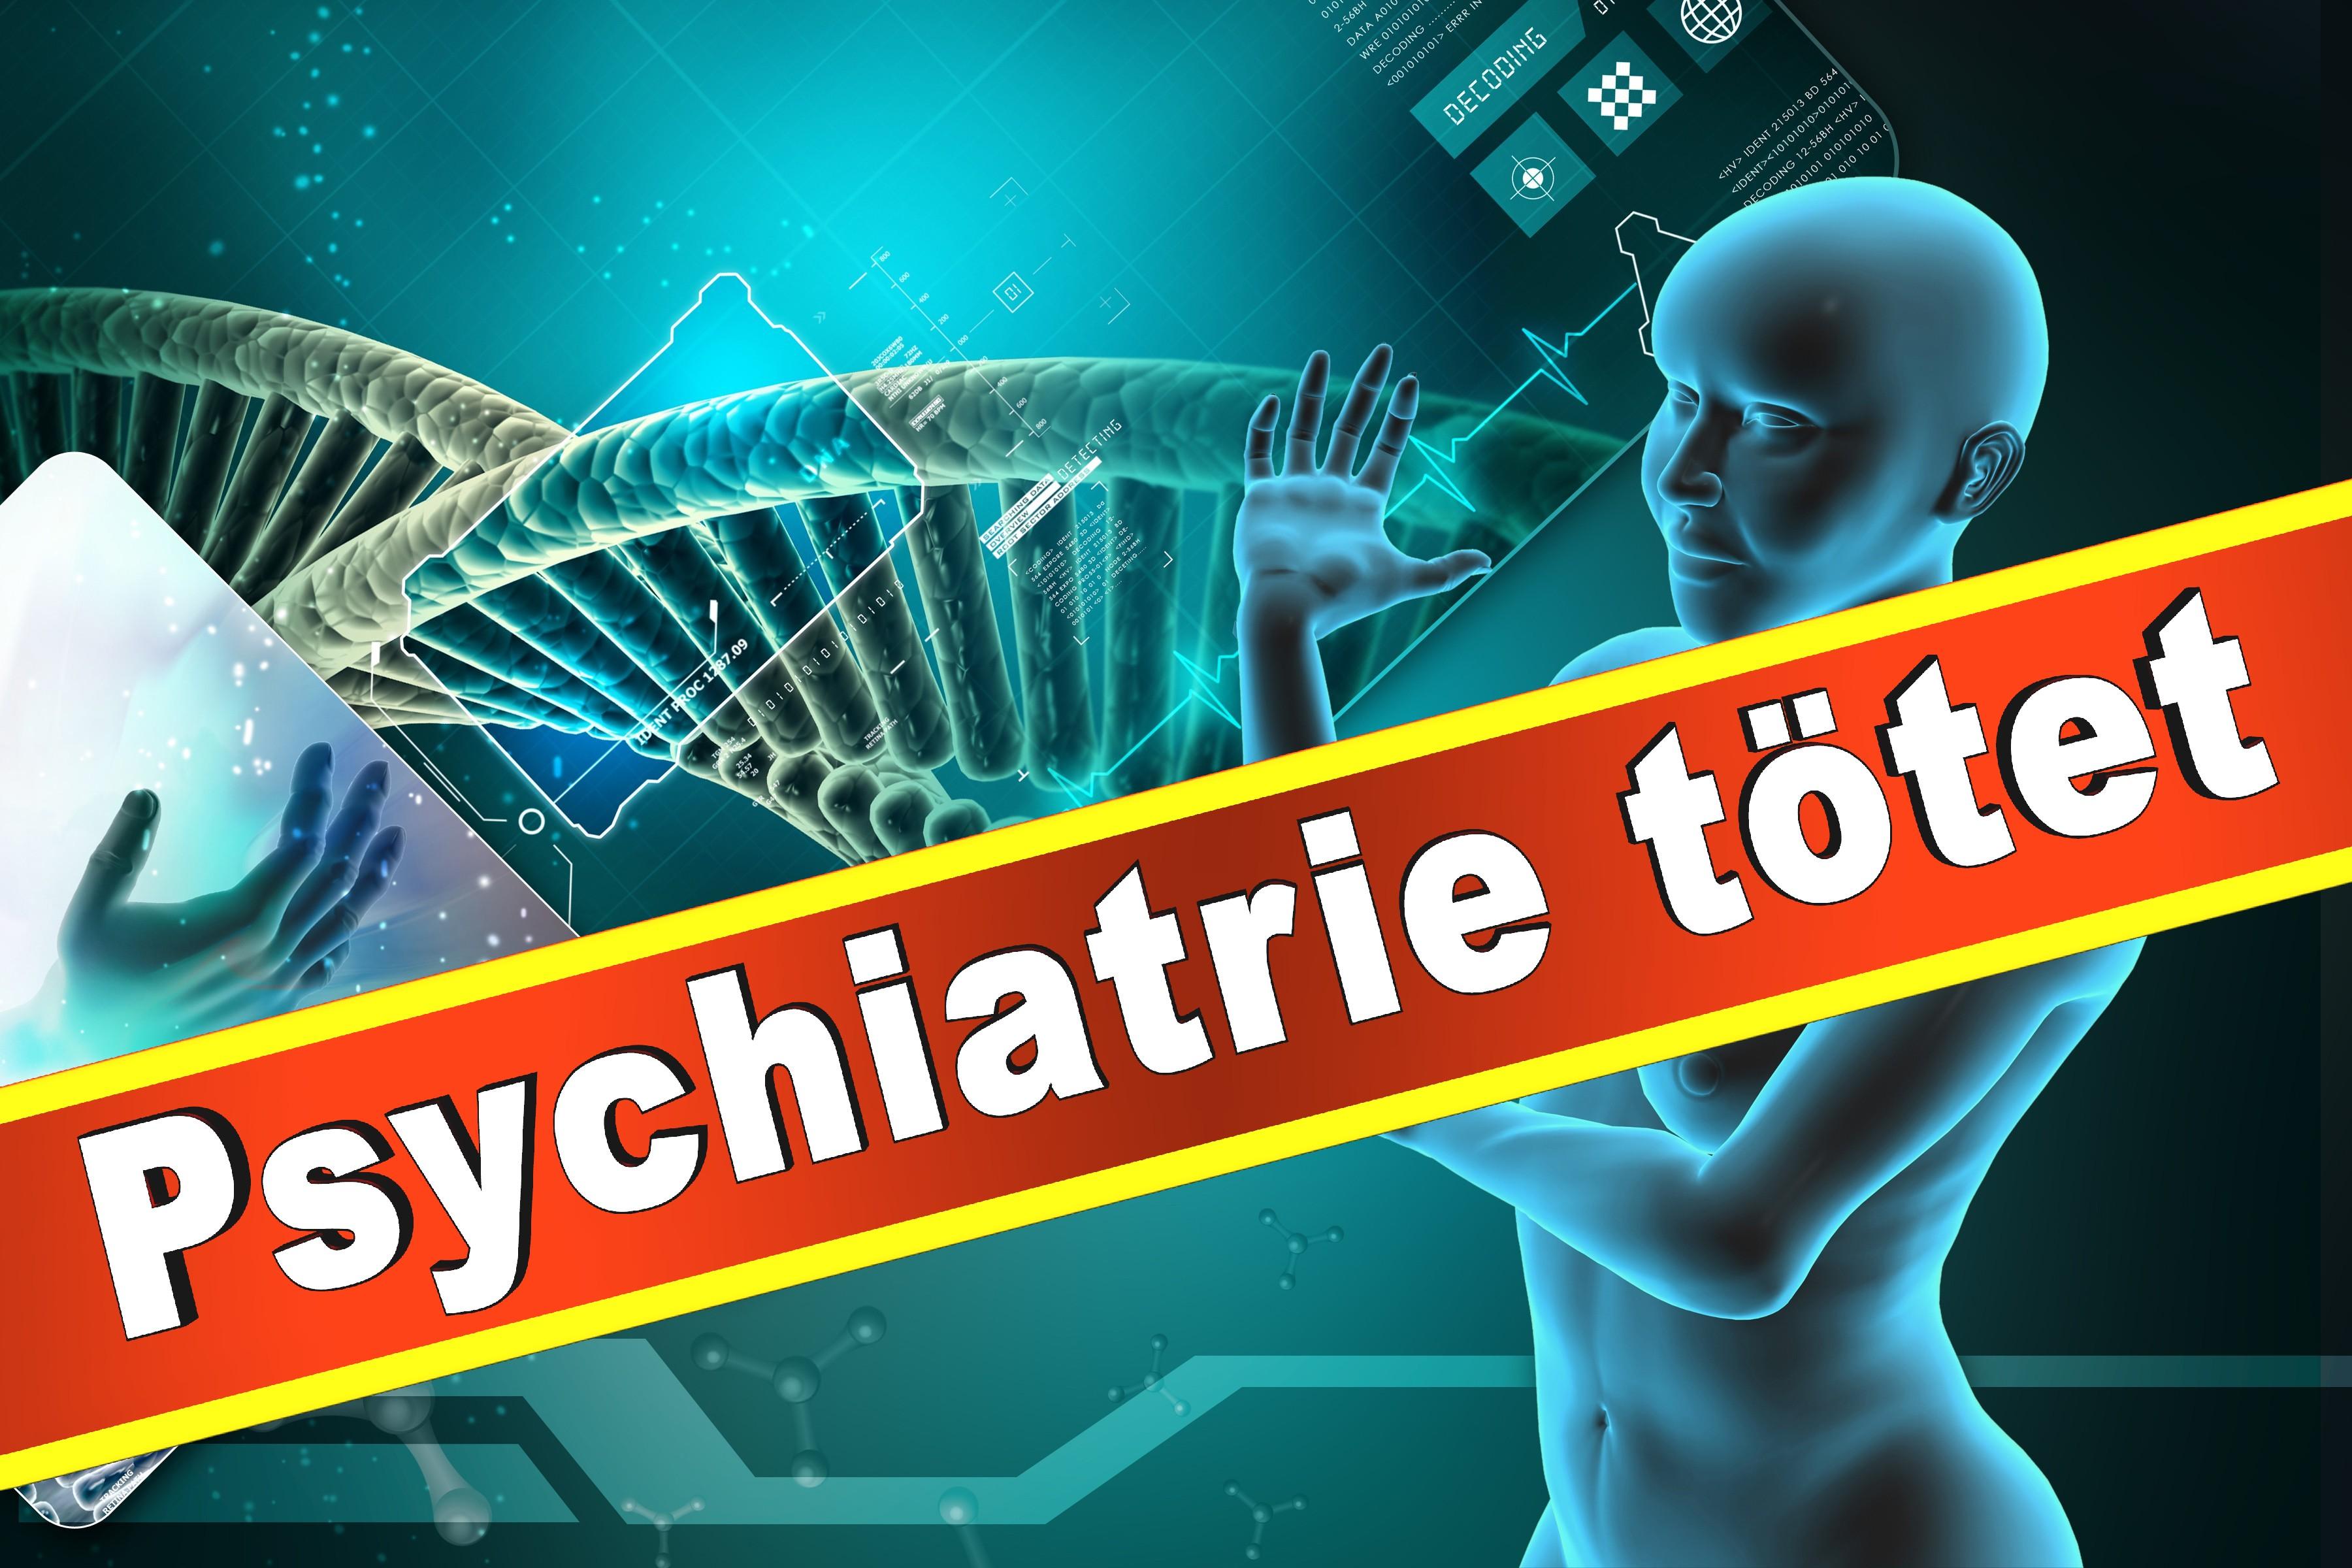 Wielant Machleidt Psychiater Psychotherapeut Professor Praxis Der Interkulturellen Psychiatrie Und Psychotherapie Medizinische Hochschule Hannover Klinik Für Psychiatrie Sozialpsychiatrie (1)